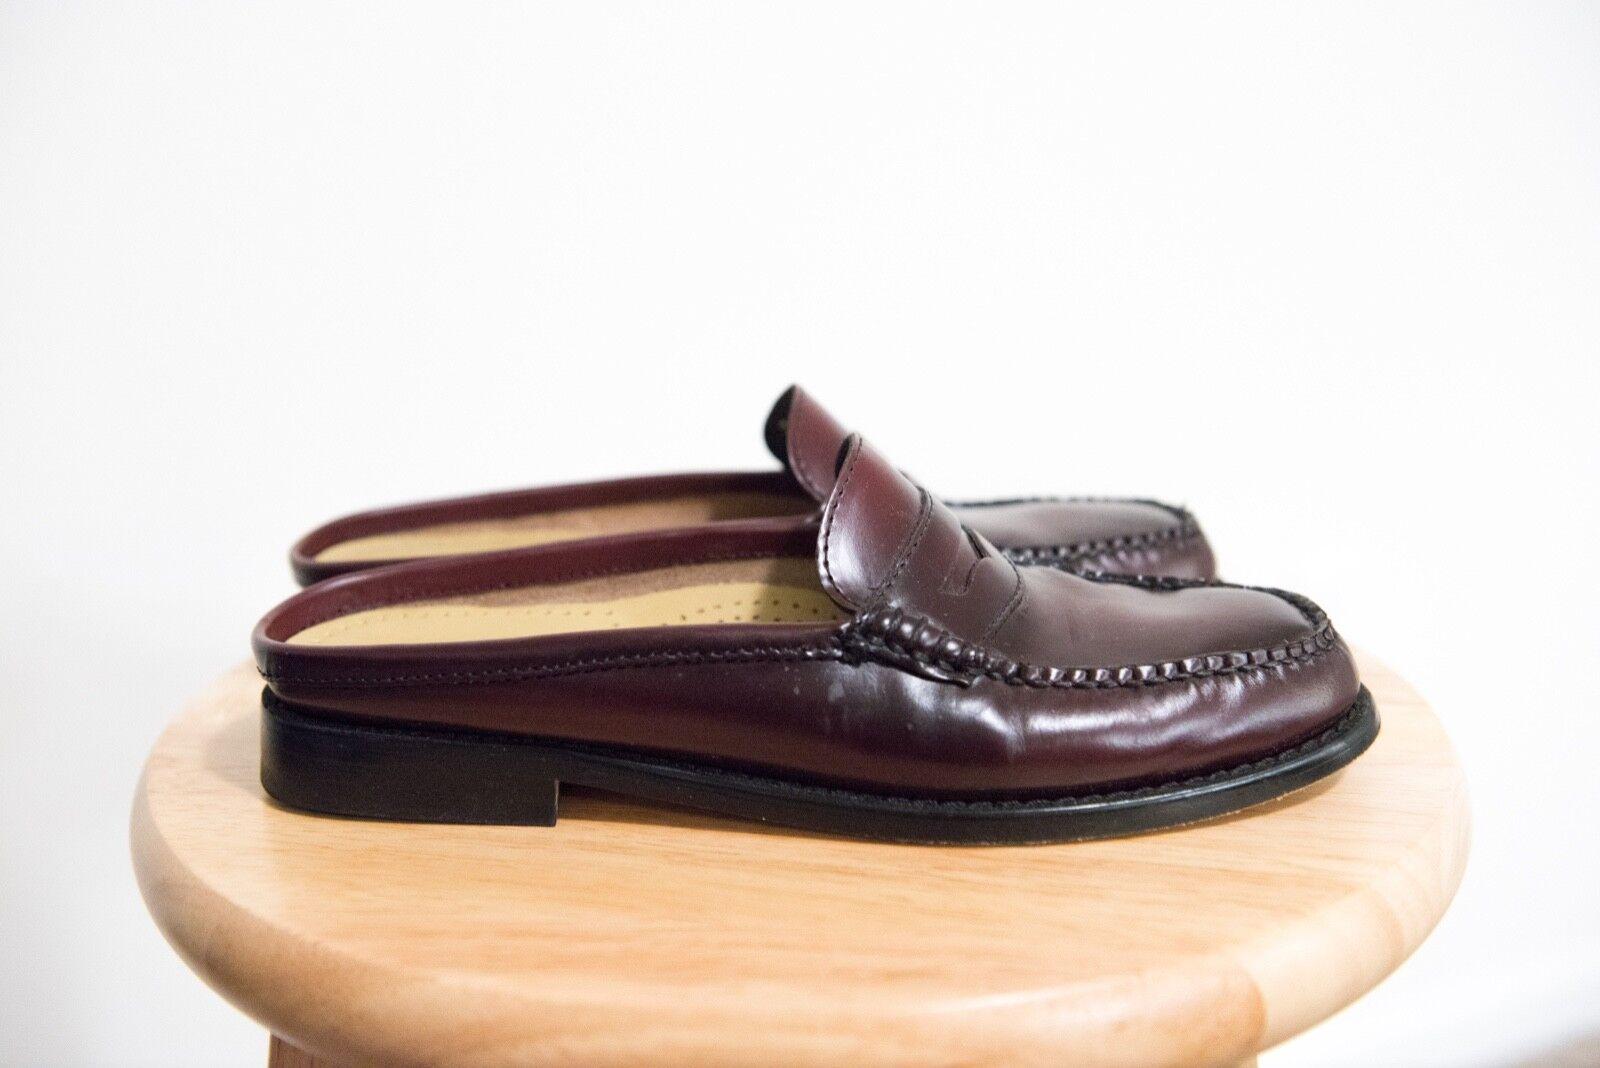 G.H. Bass & Co. de de de Cuero Genuino para Mujer Wynn Slip-On Mula Zapato weejun  cómodamente